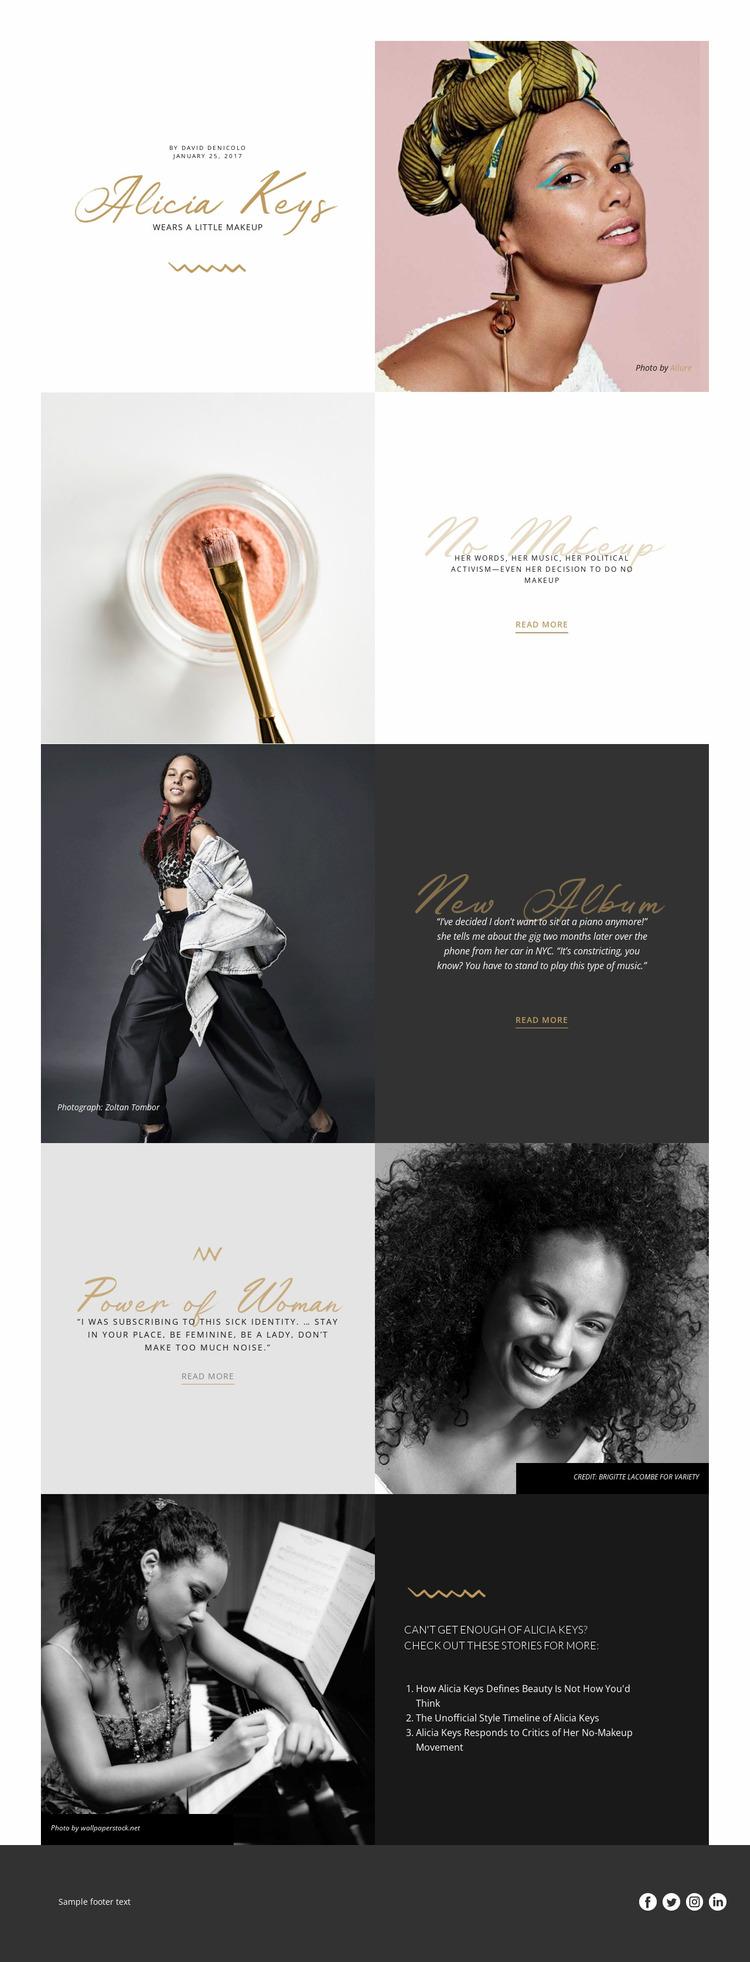 Alicia Keys Website Mockup